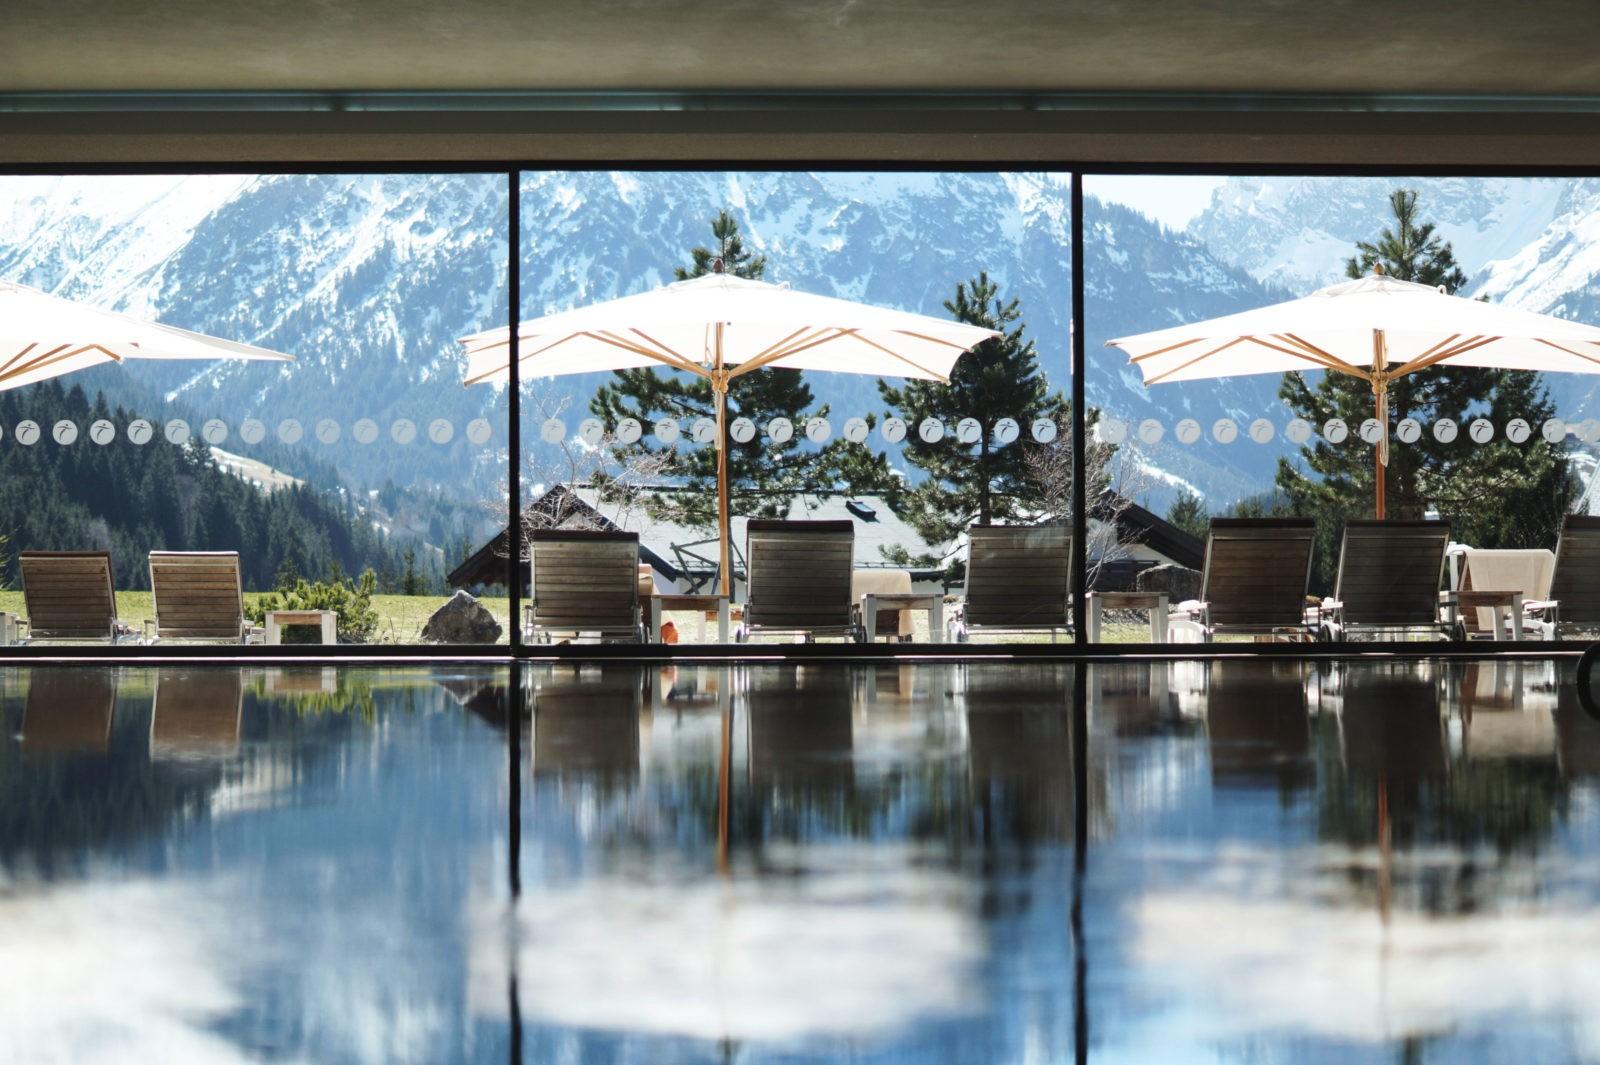 hotel review travel charme ifen hotel kleinwalsertal austria sterreich hotelbewertung puria. Black Bedroom Furniture Sets. Home Design Ideas